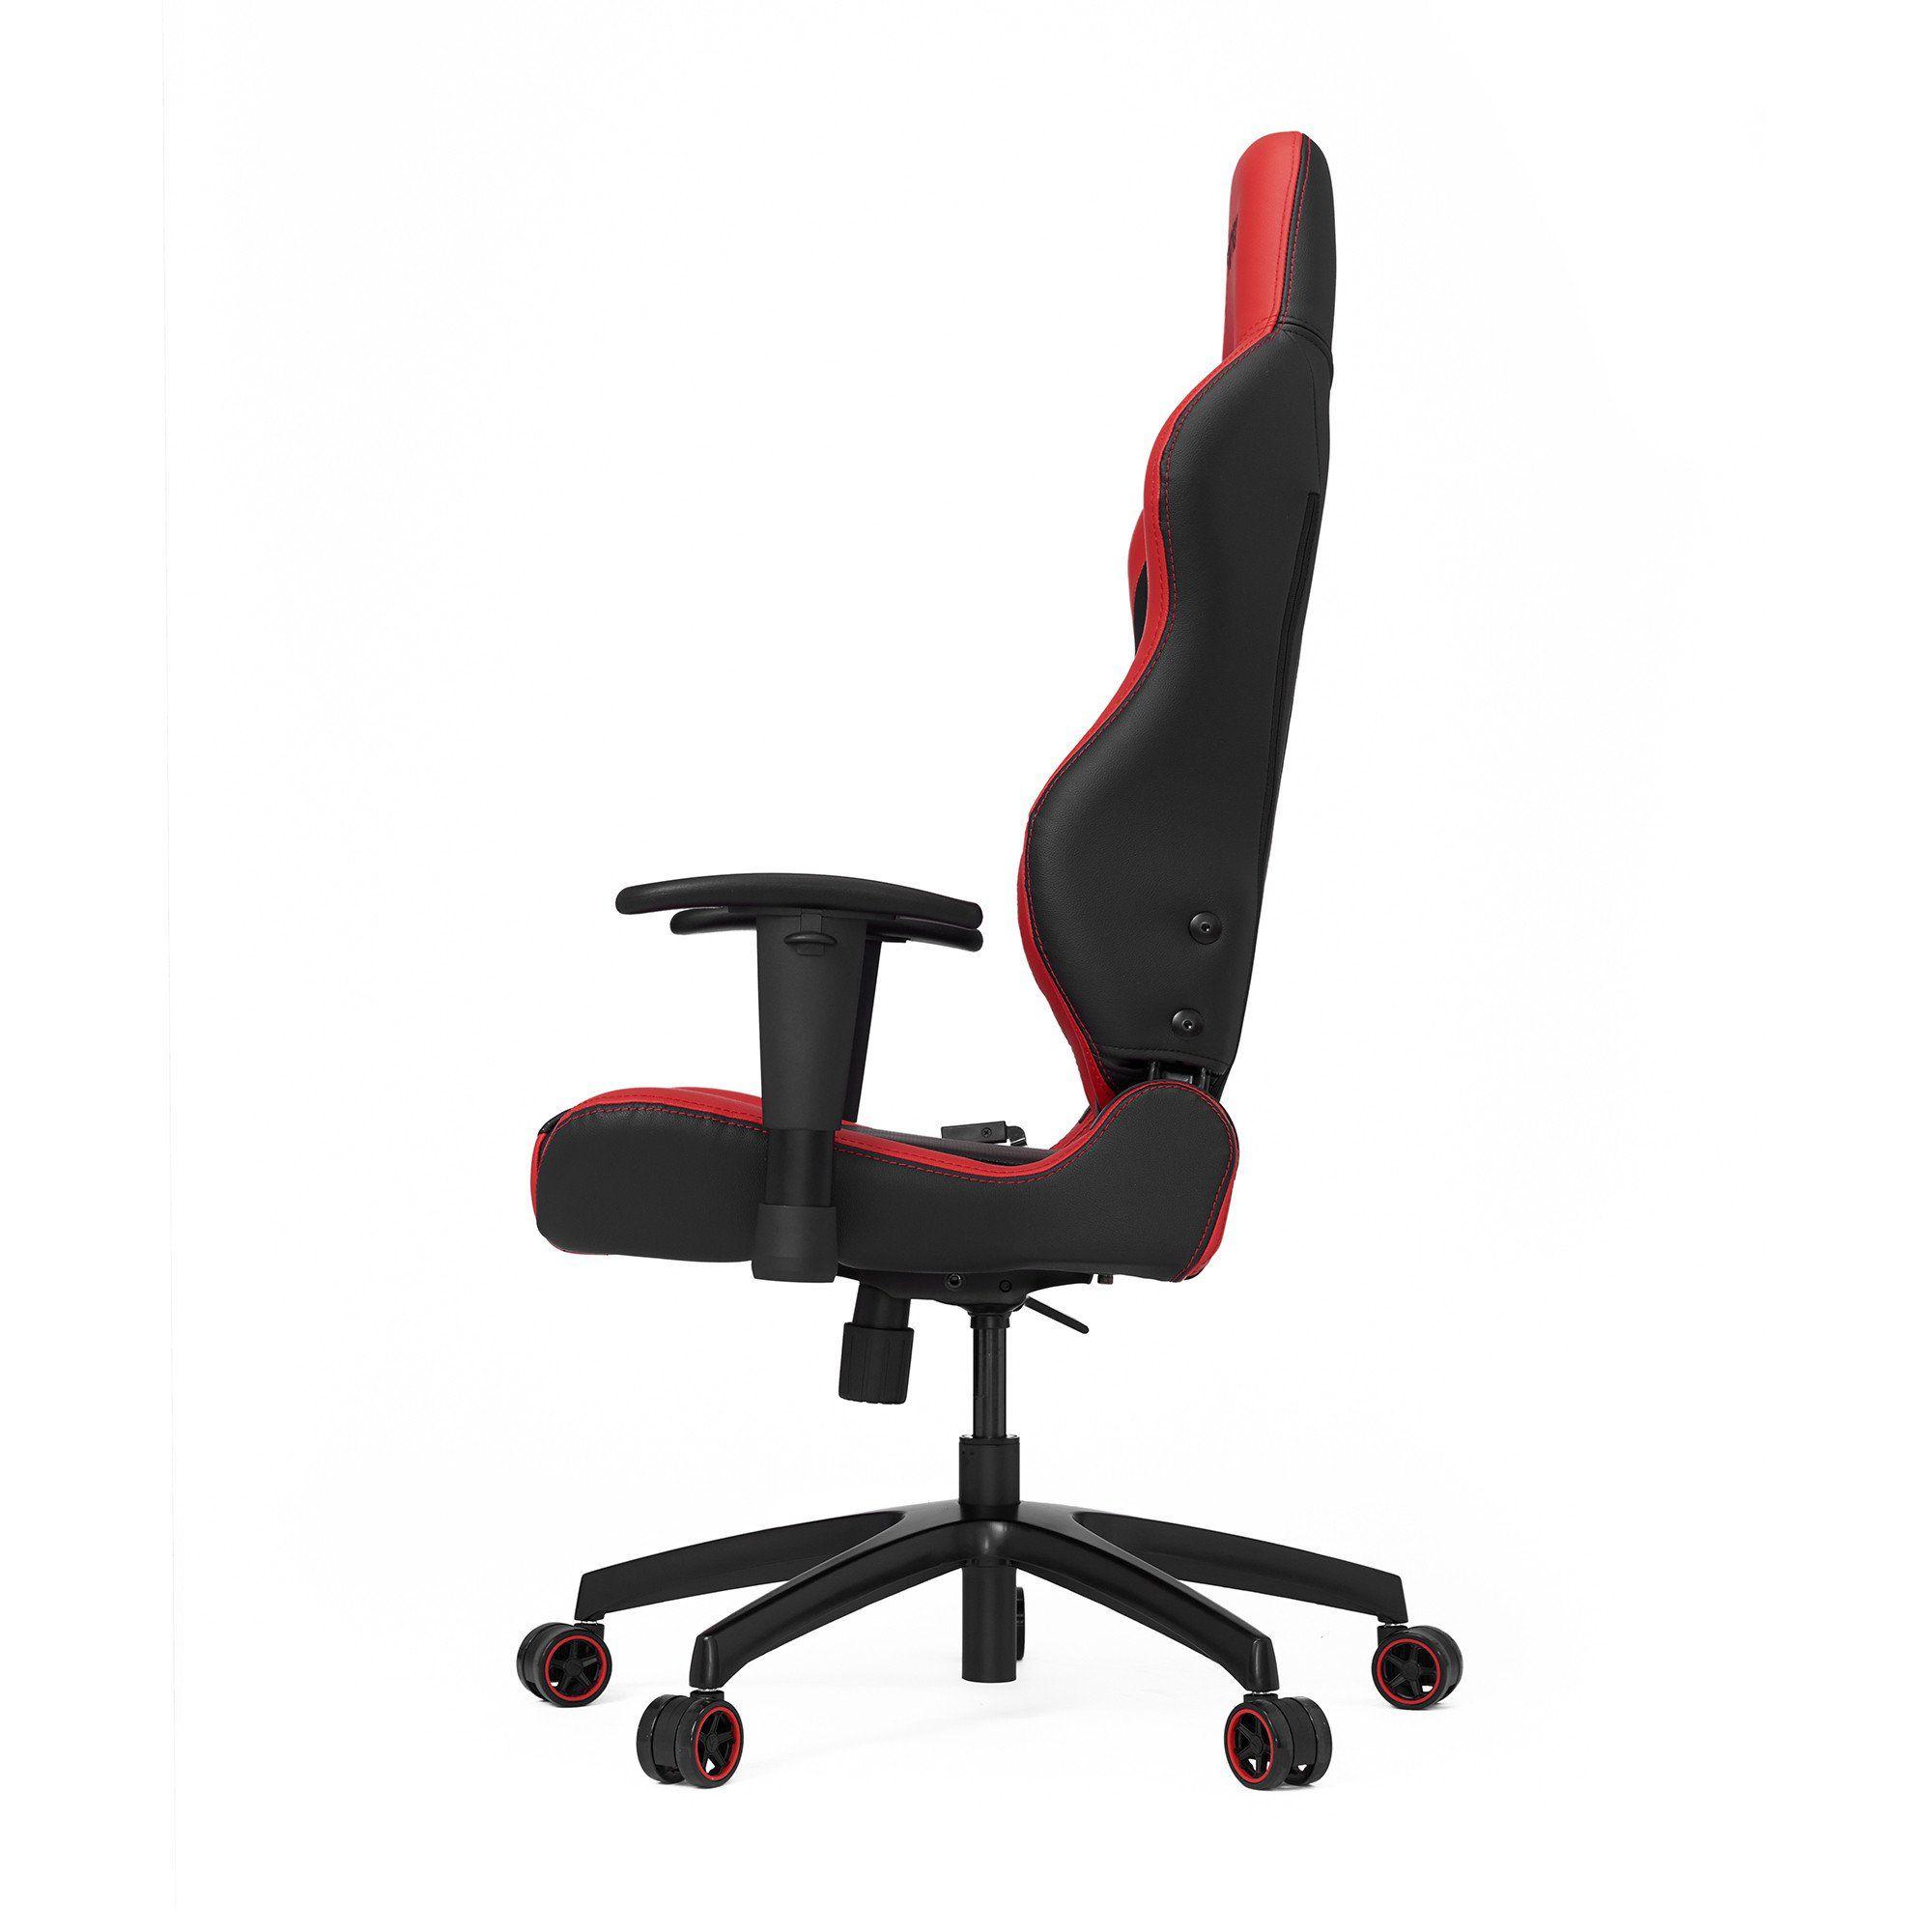 Cadeira Gamer Vertagear Series Racing S-LINE SL2000 Preto e Vermelho - VG-SL2000_RD